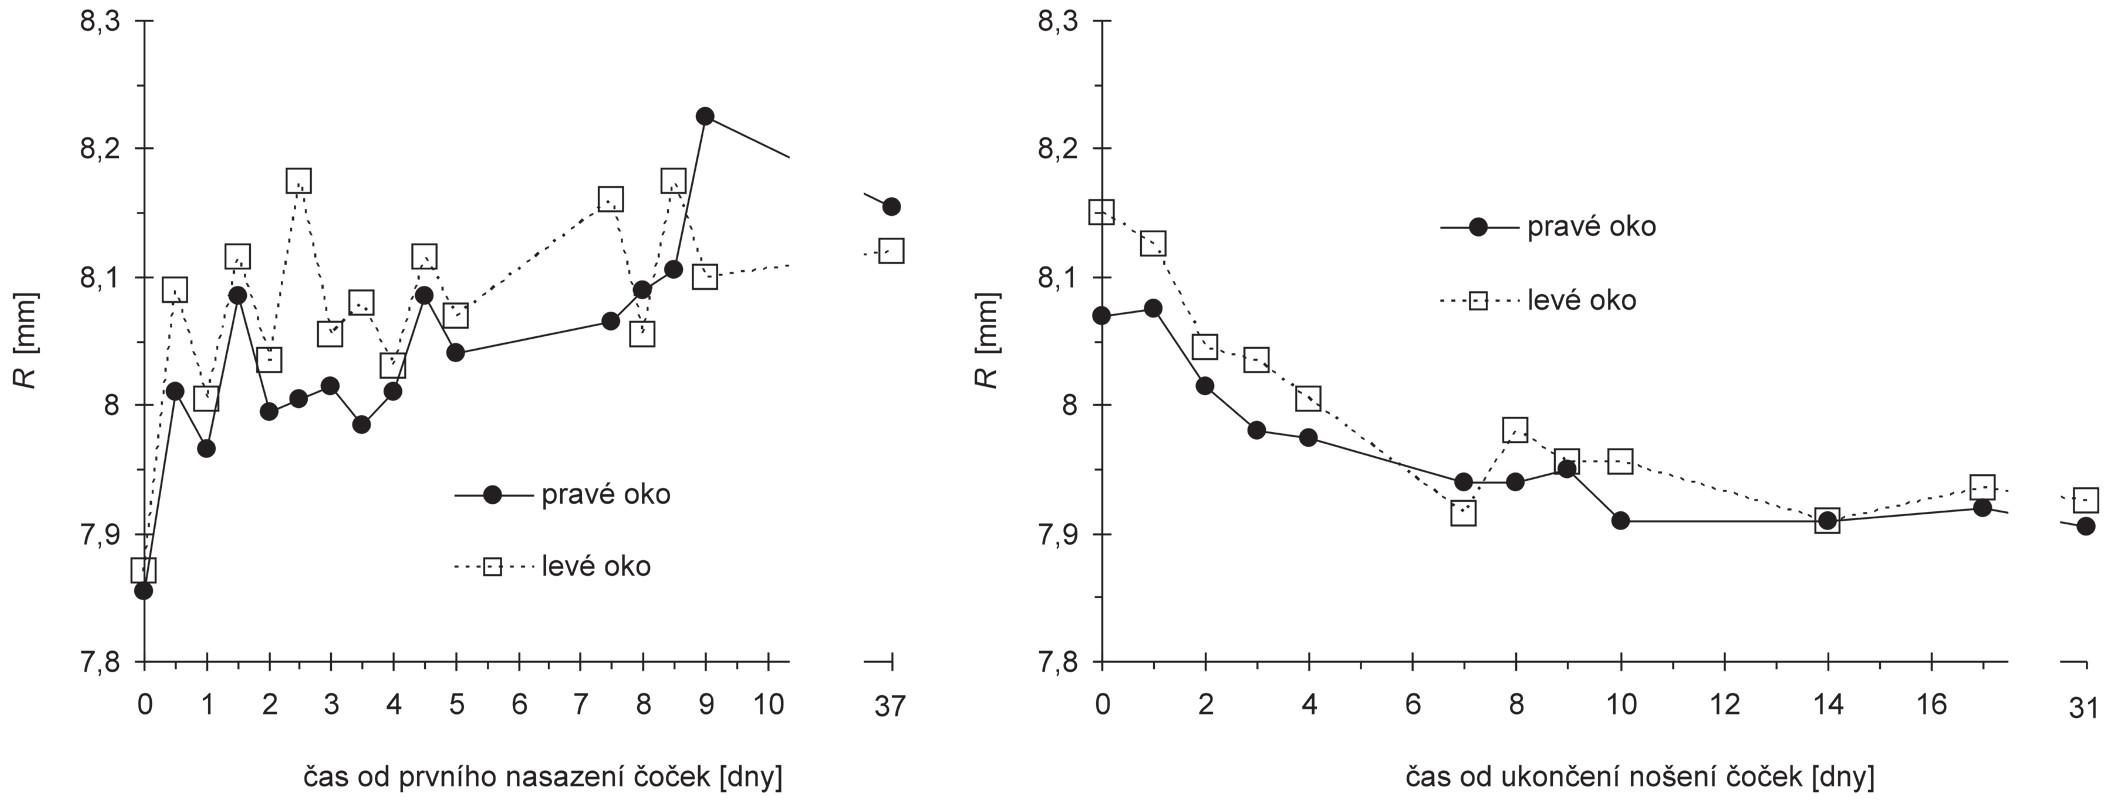 Závislost průměrného centrálního poloměru zakřivení R rohovky na čase měřená od prvního nasazení čoček (vlevo) a od ukončení nošení čoček (vpravo)